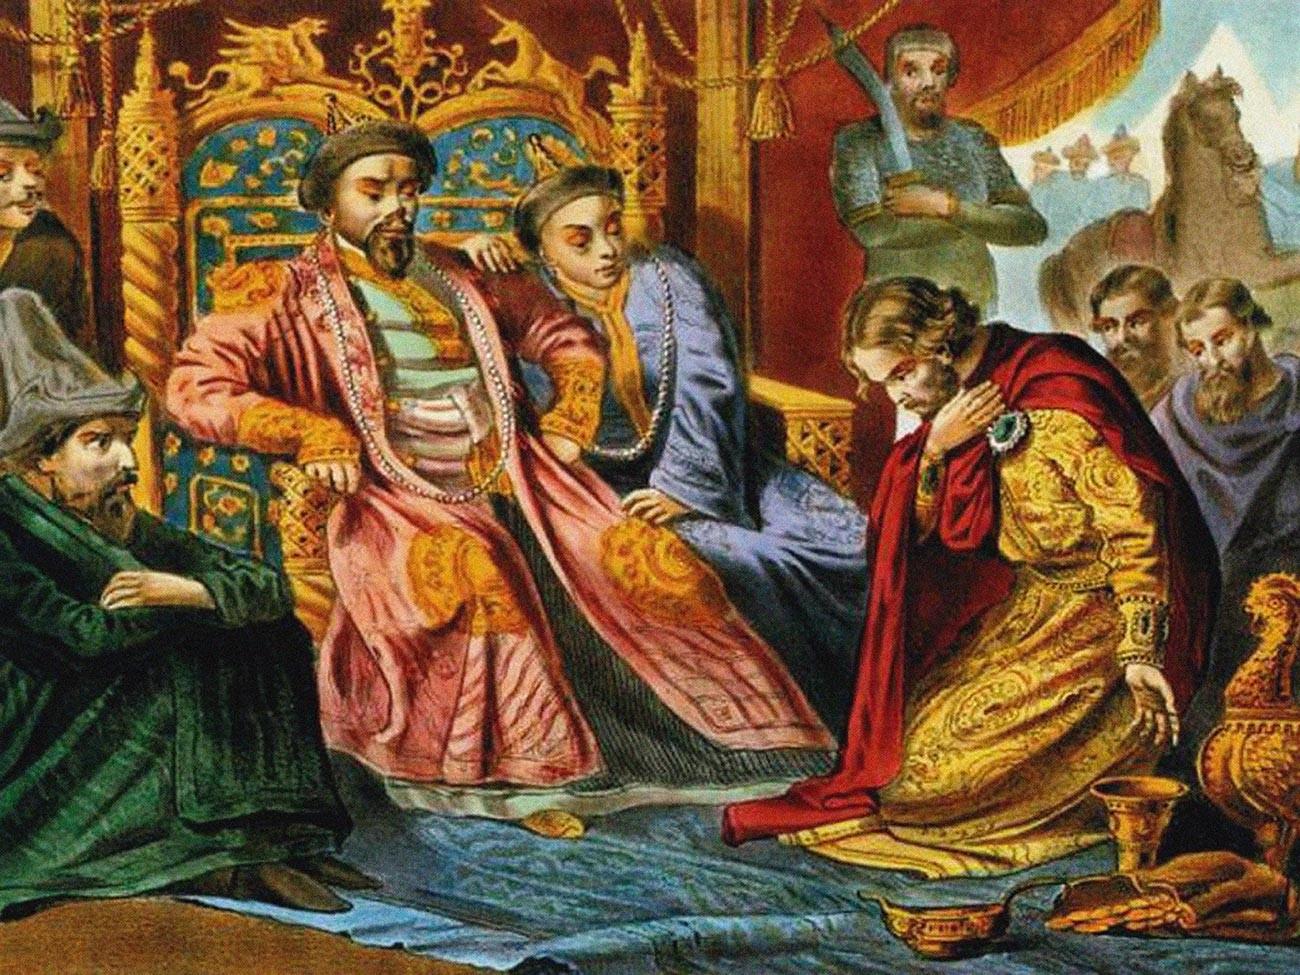 アレクサンドル・ネフスキー(右側)大公とバトゥ